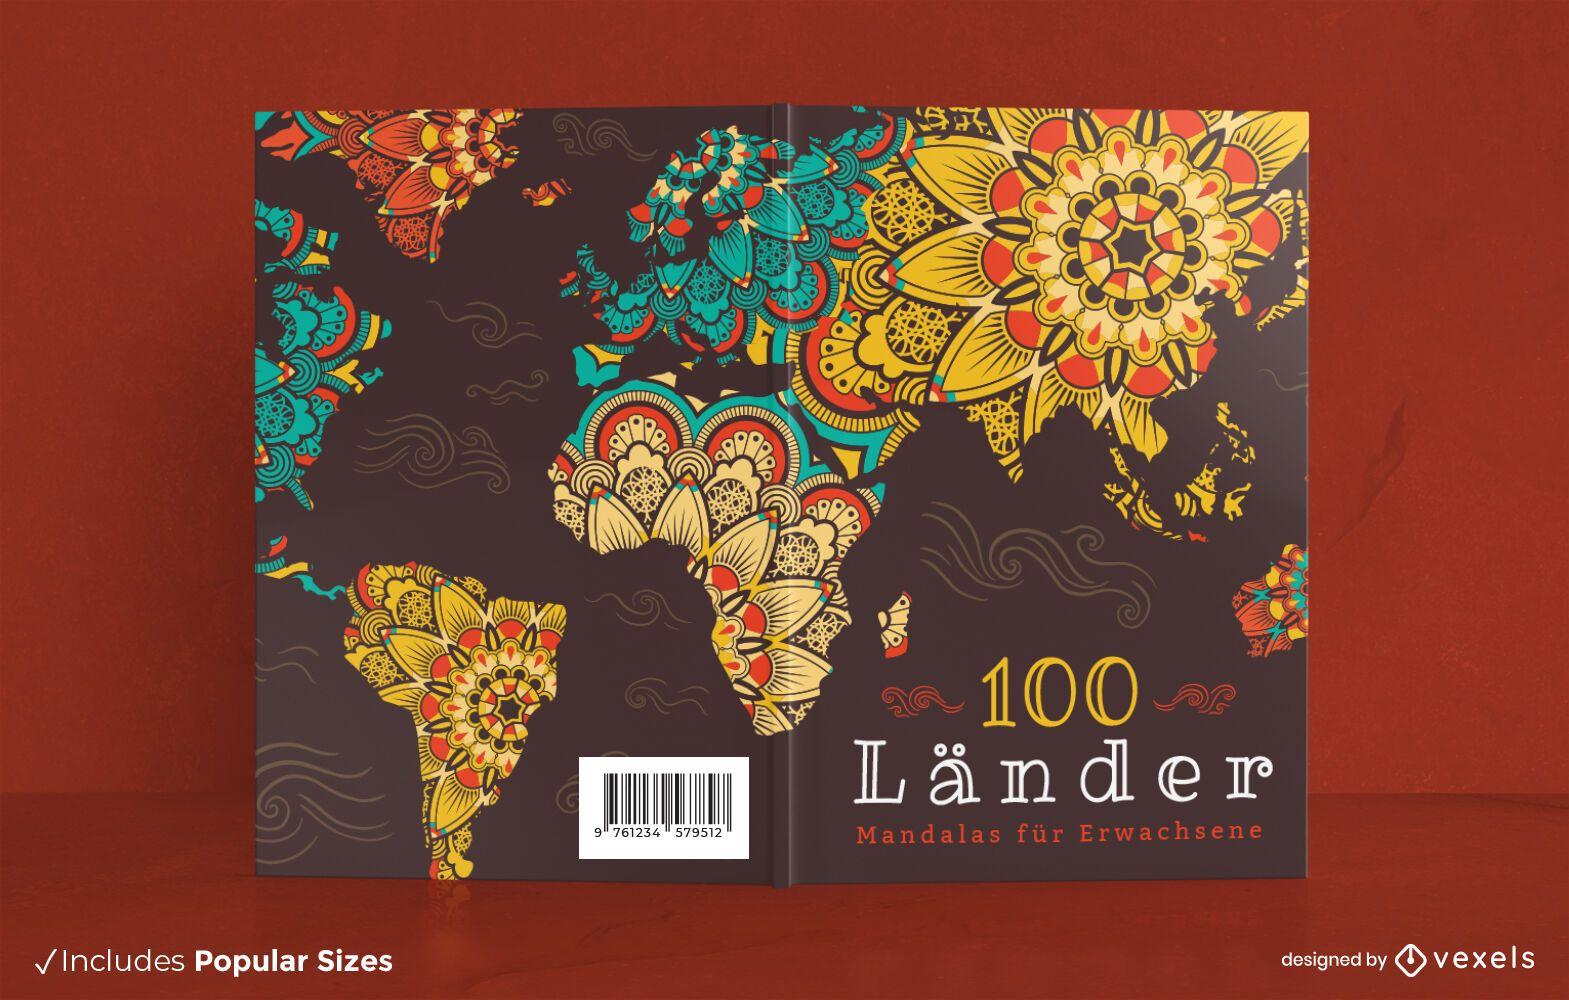 Dise?o de portada de libro floral de mandala de mapa mundial